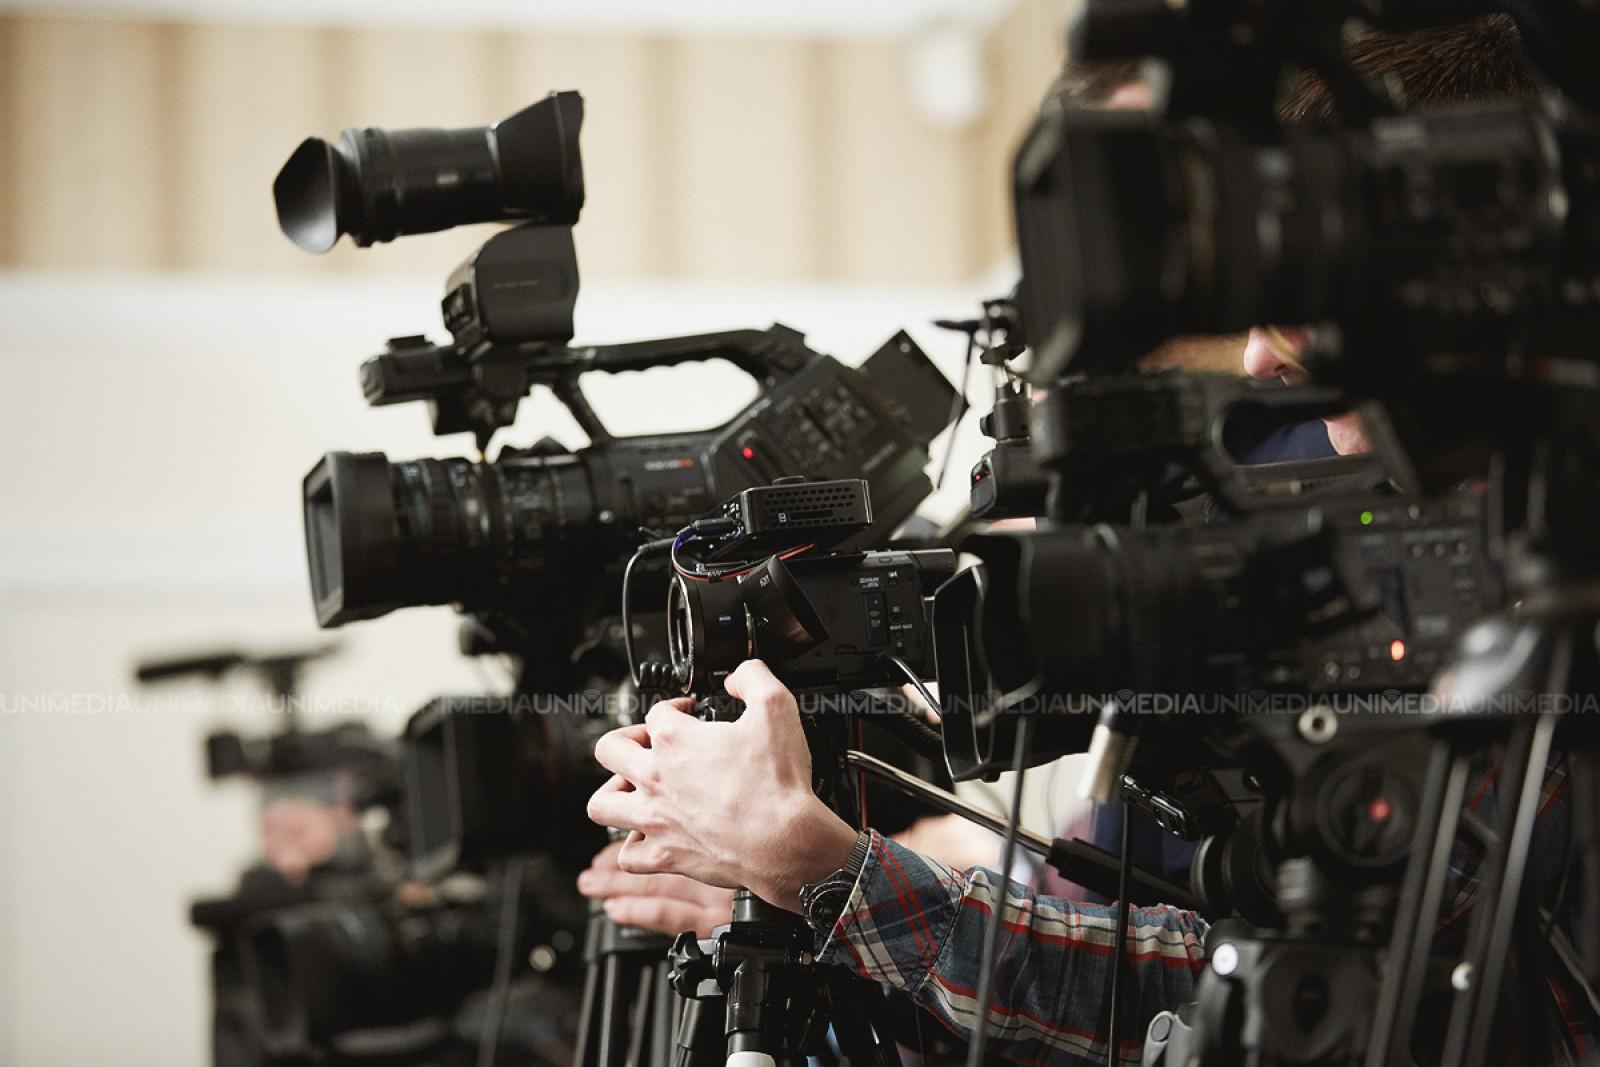 Prime TV sancționat cu o amendă de 70 de mii de lei pentru difuzarea unui discurs cu caracter militarist al președintelui rus Vladimir Putin